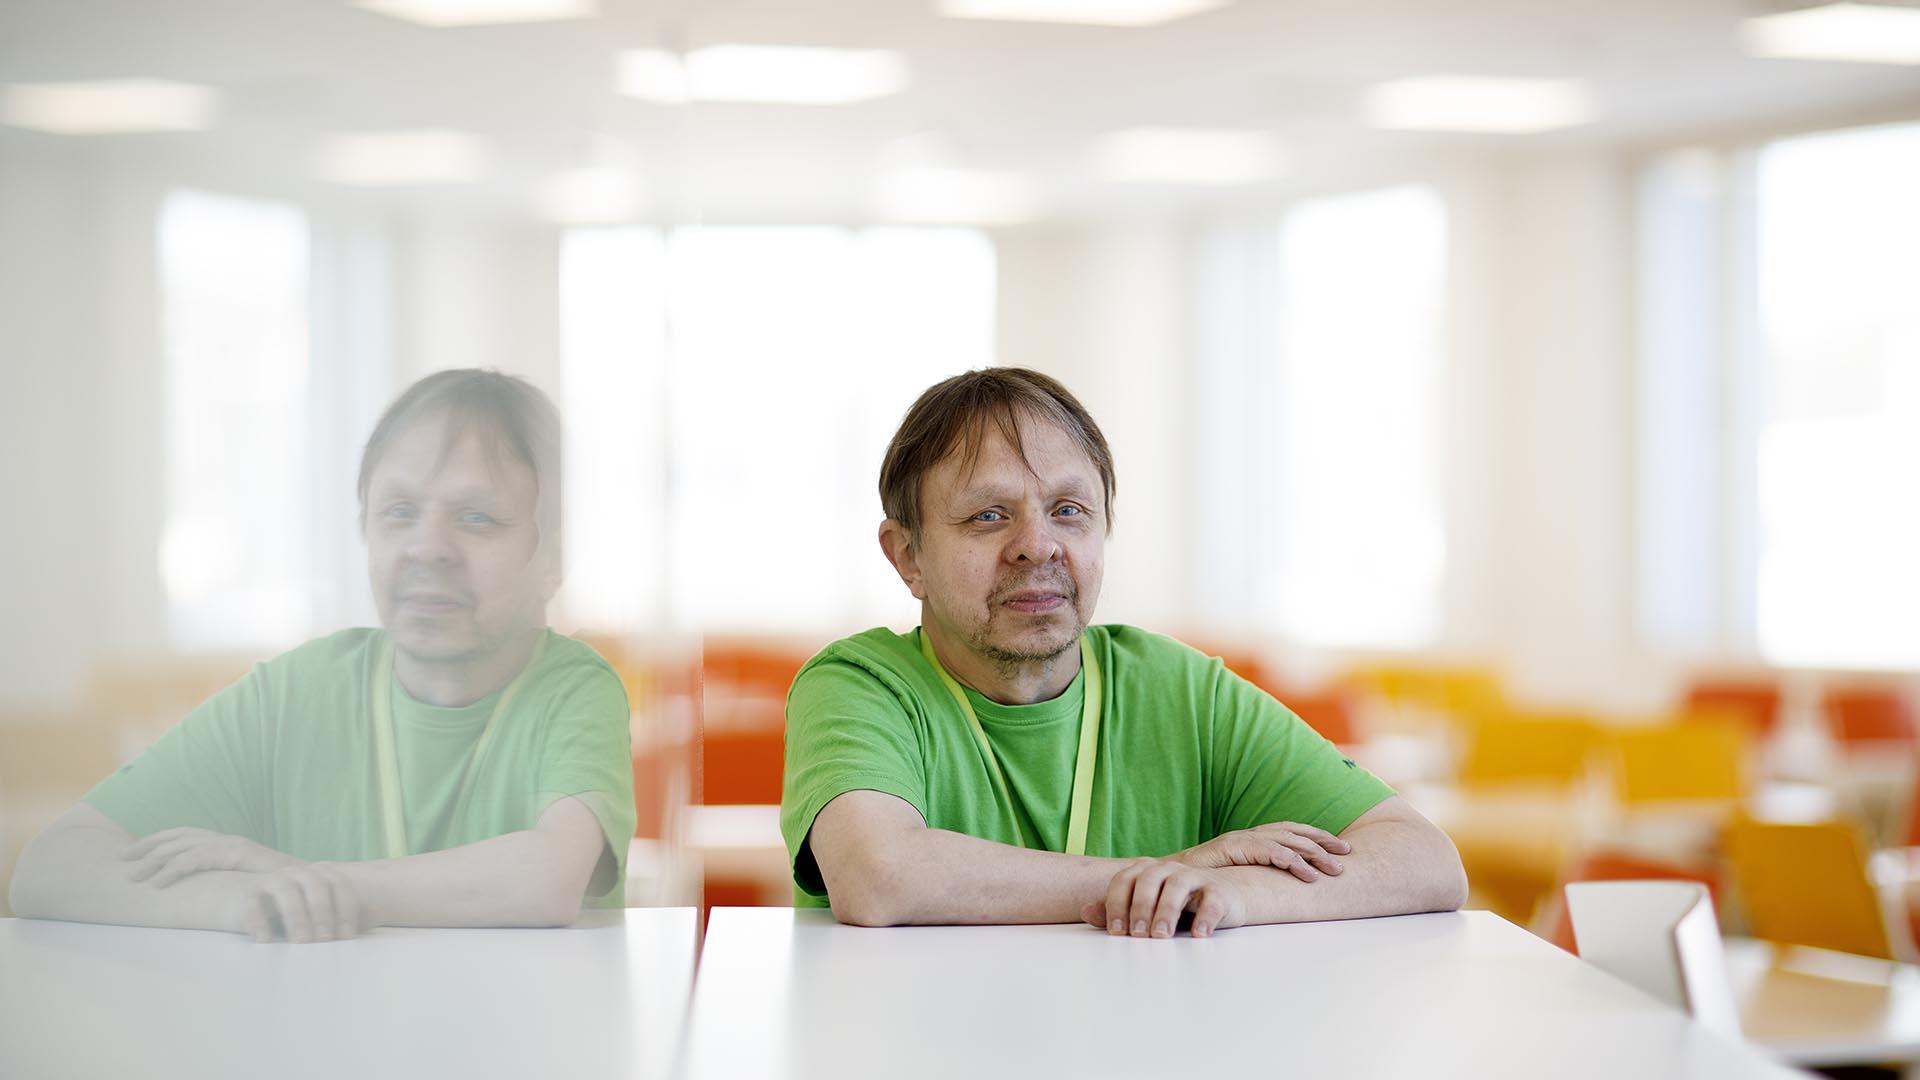 Veli-Matti Lampinen